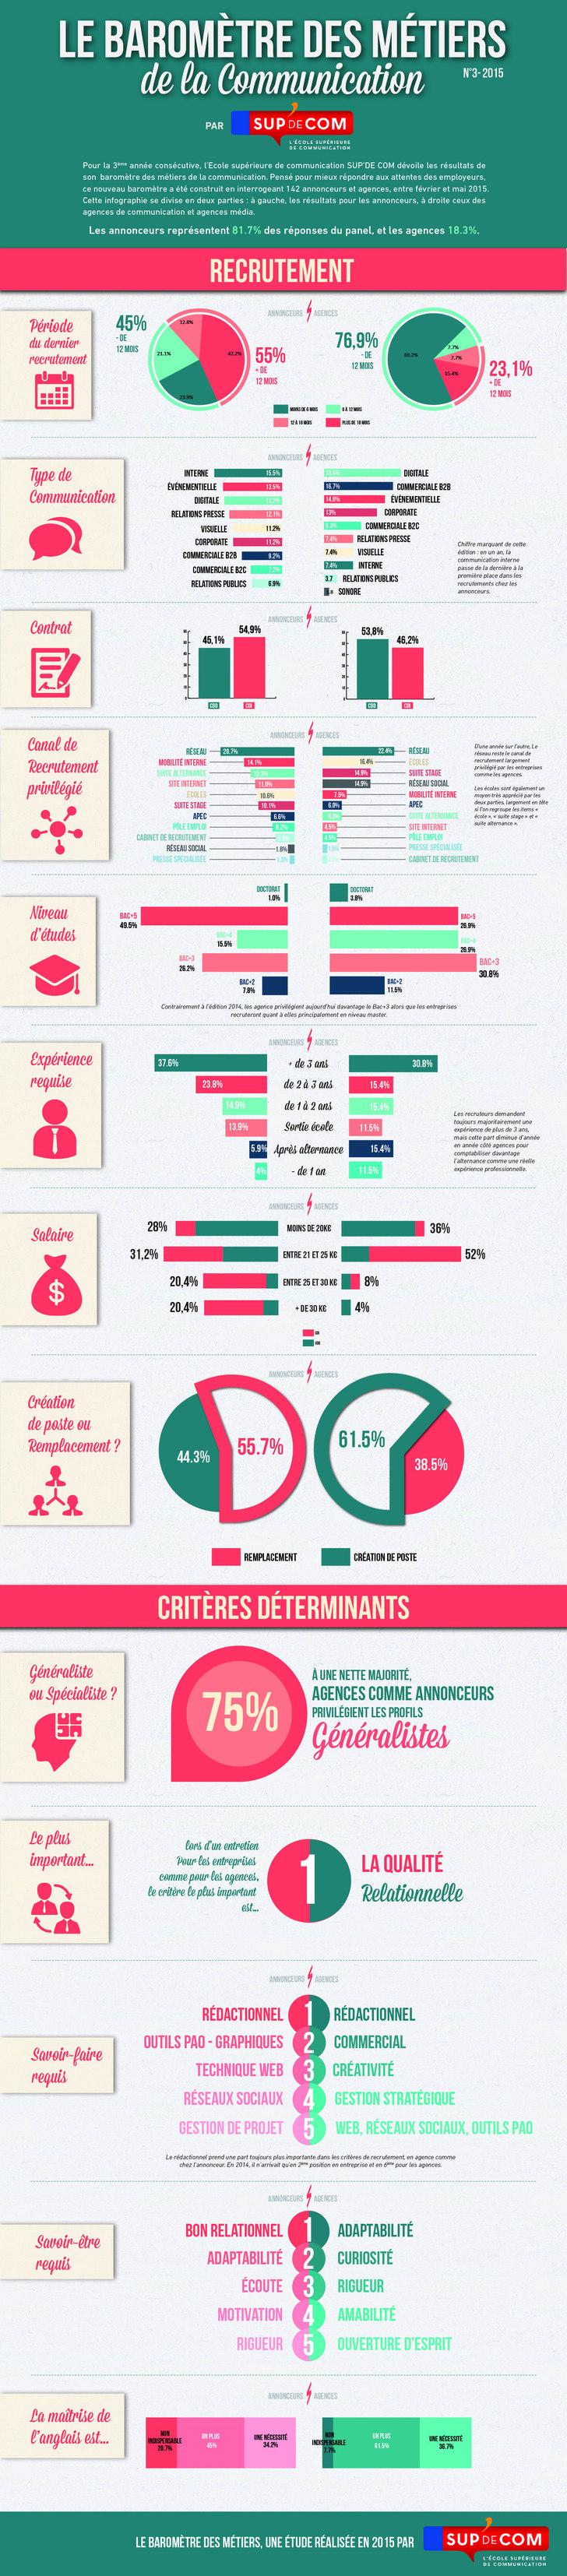 Infographie profils agences vs annonceurs en communication